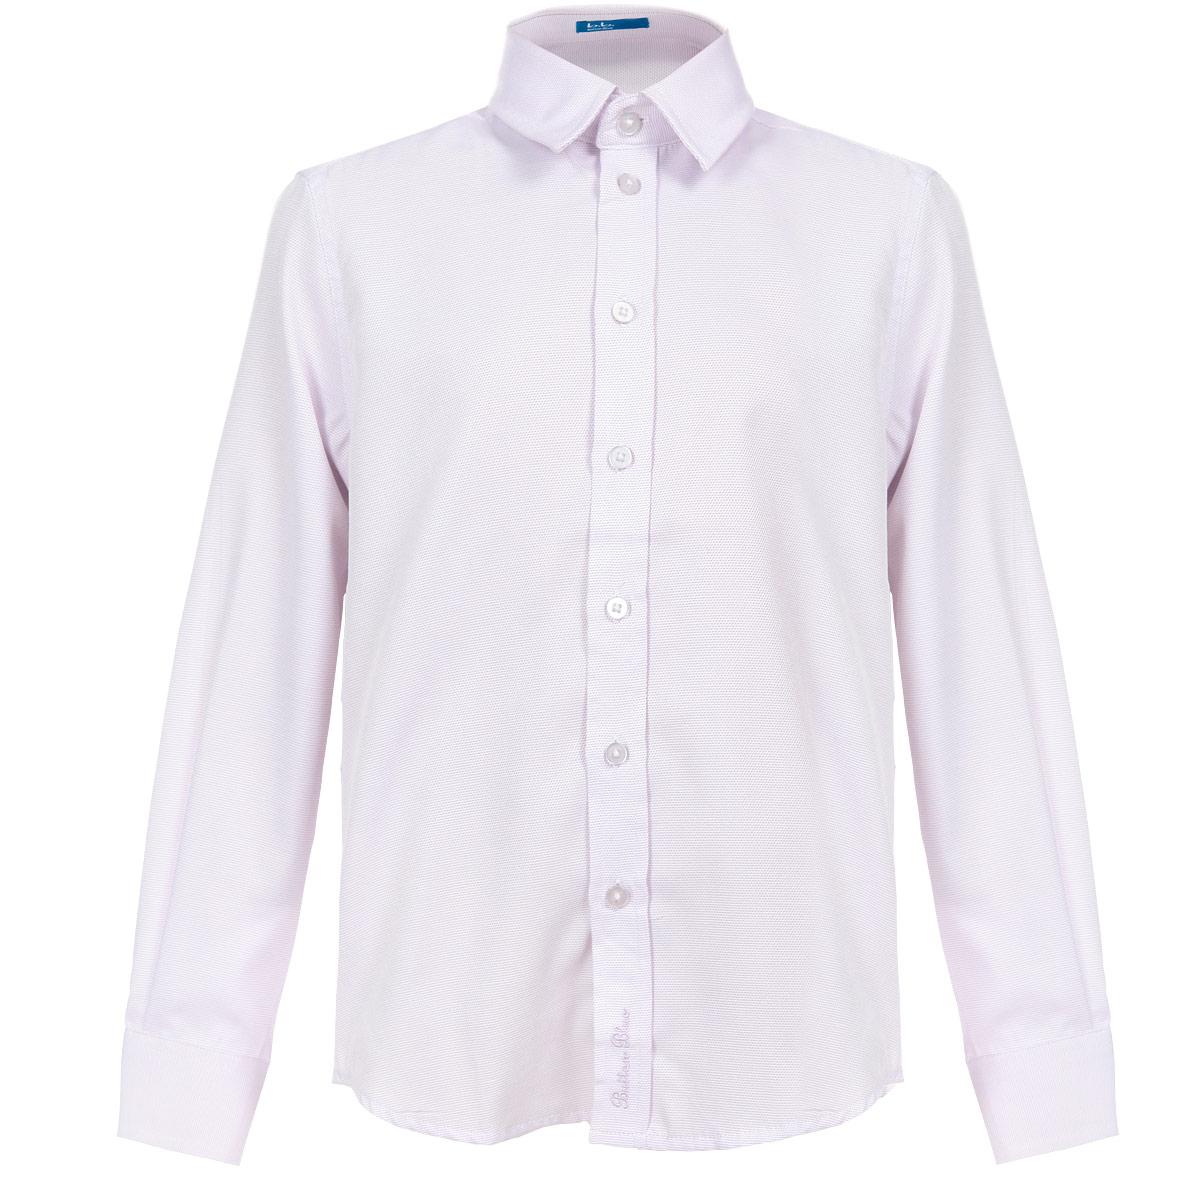 215BBBS2304Стильная рубашка для мальчика Button Blue идеально подойдет вашему ребенку. Изготовленная из хлопка с добавлением полиэстера, она мягкая и приятная на ощупь, не сковывает движения и позволяет коже дышать, не раздражает даже самую нежную и чувствительную кожу ребенка, обеспечивая ему наибольший комфорт. Рубашка классического кроя с длинными рукавами и отложным воротничком застегивается на пуговицы. Рукава дополнены широкими манжетами, застегивающимися на три пуговицы. Оформлено изделие фактурными цветными полосками и украшено понизу фирменной вышивкой в виде названия бренда. Воротник оформлен прострочкой. Низ изделия по бокам закруглен. Современный дизайн и модная расцветка делают эту рубашку стильным предметом детского гардероба. Ее можно носить как с джинсами, так и с классическими брюками.